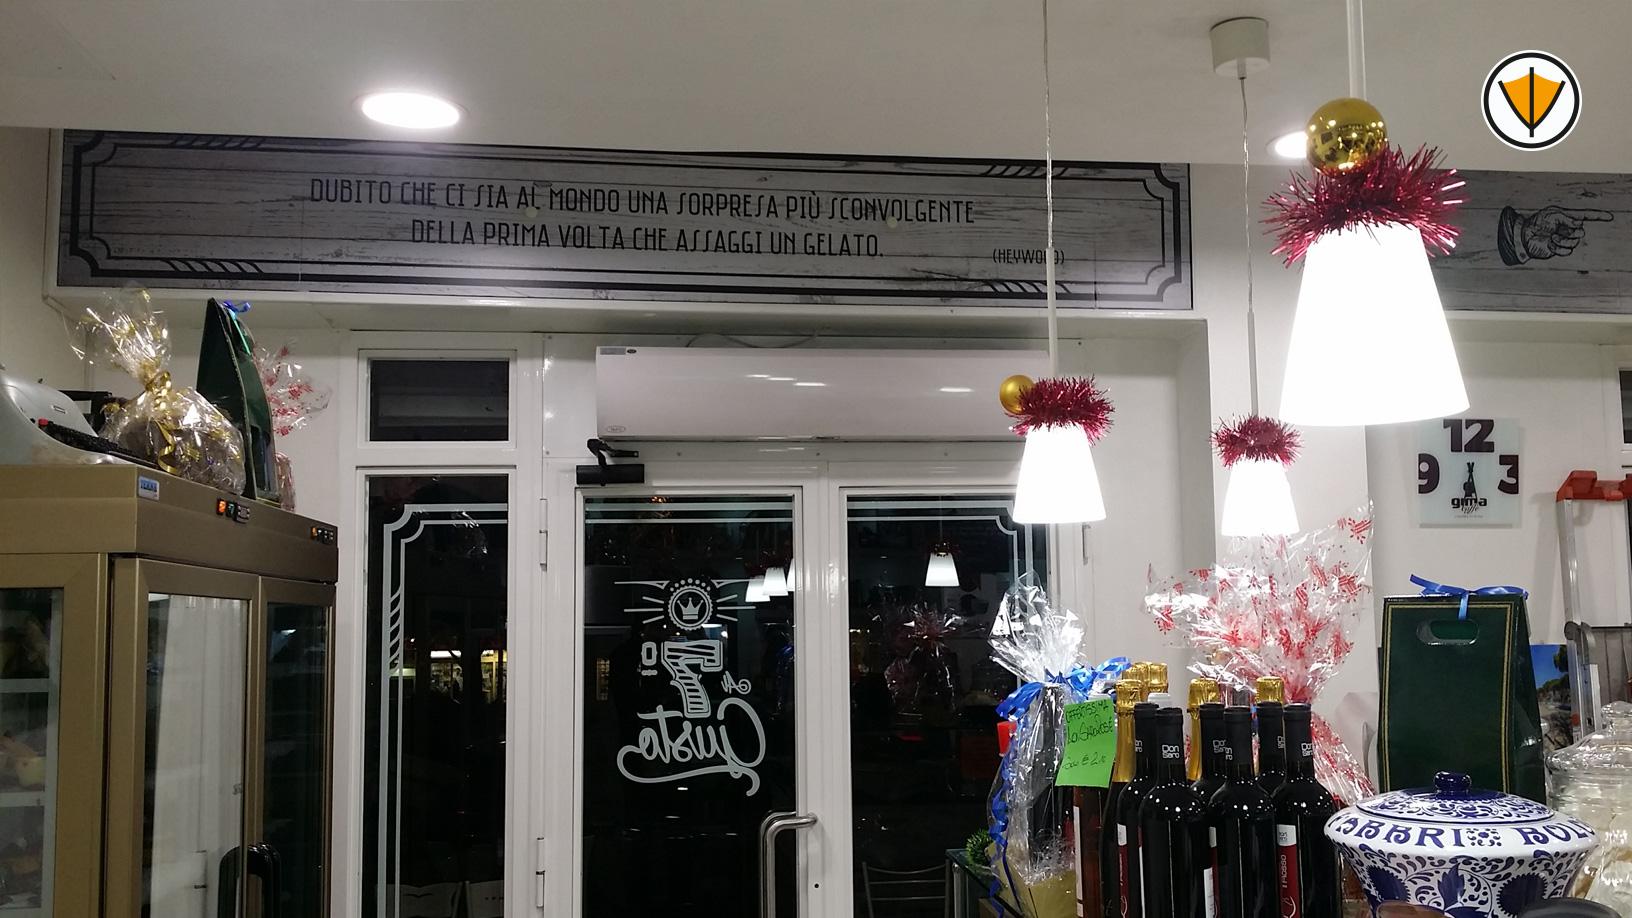 Vetrofanie adesive per il bar 7° Gusto in Roma - Dopo